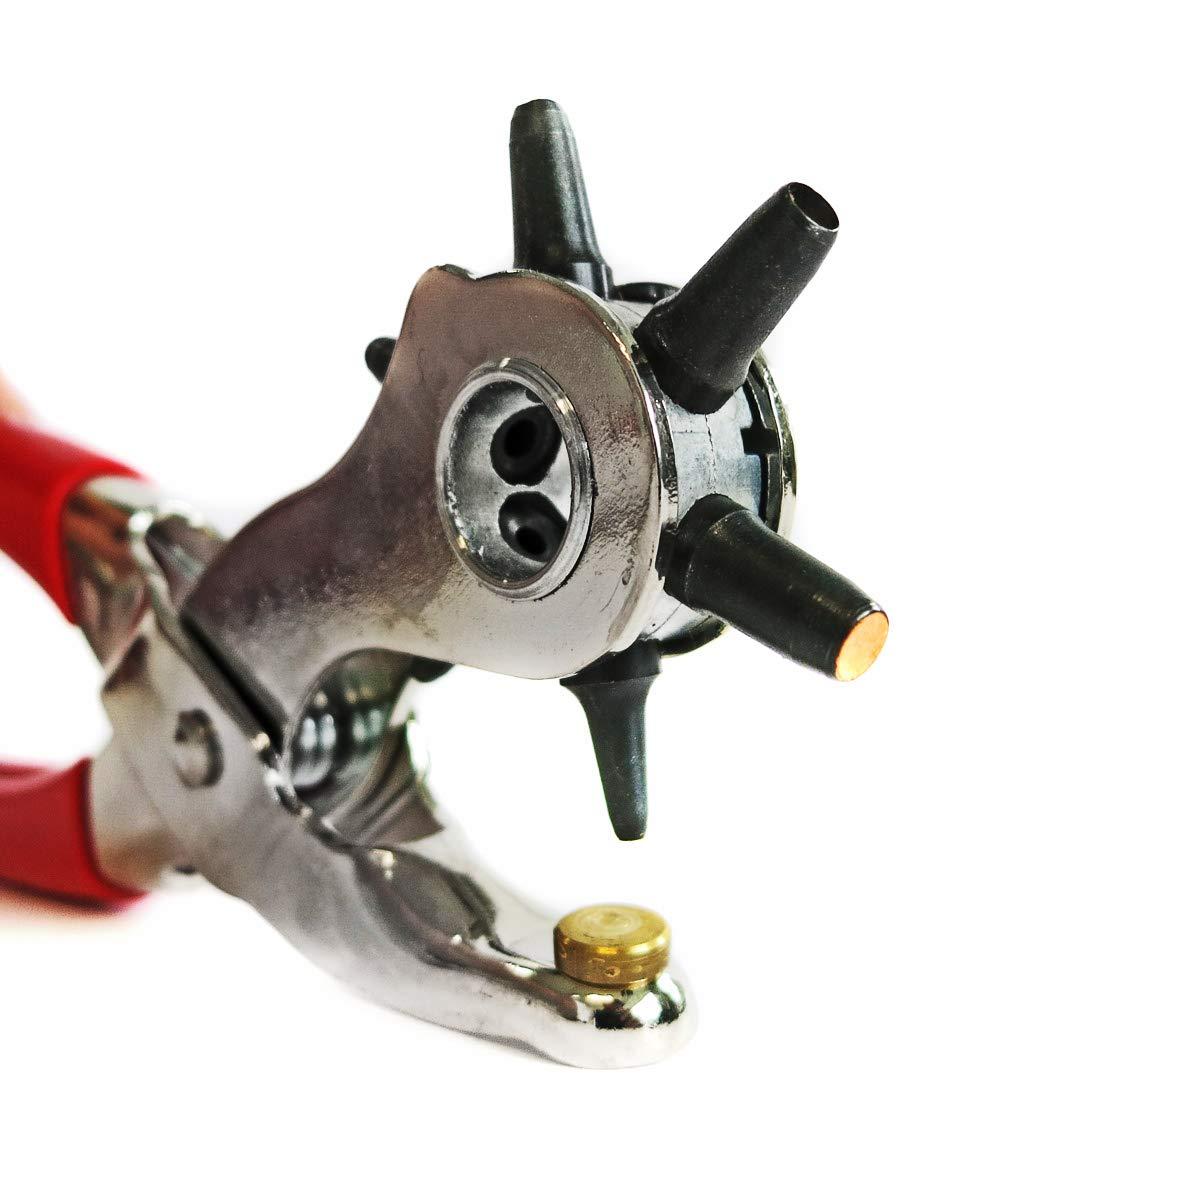 S&R Alicates Sacabocados Perforador Cuero y Cinturas / MADE IN GERMANY / Sacabocados con 6 punzones ovales de 2/2, 5/3/3, 5/4/5 mm S&R Industriewerkzeuge GmbH